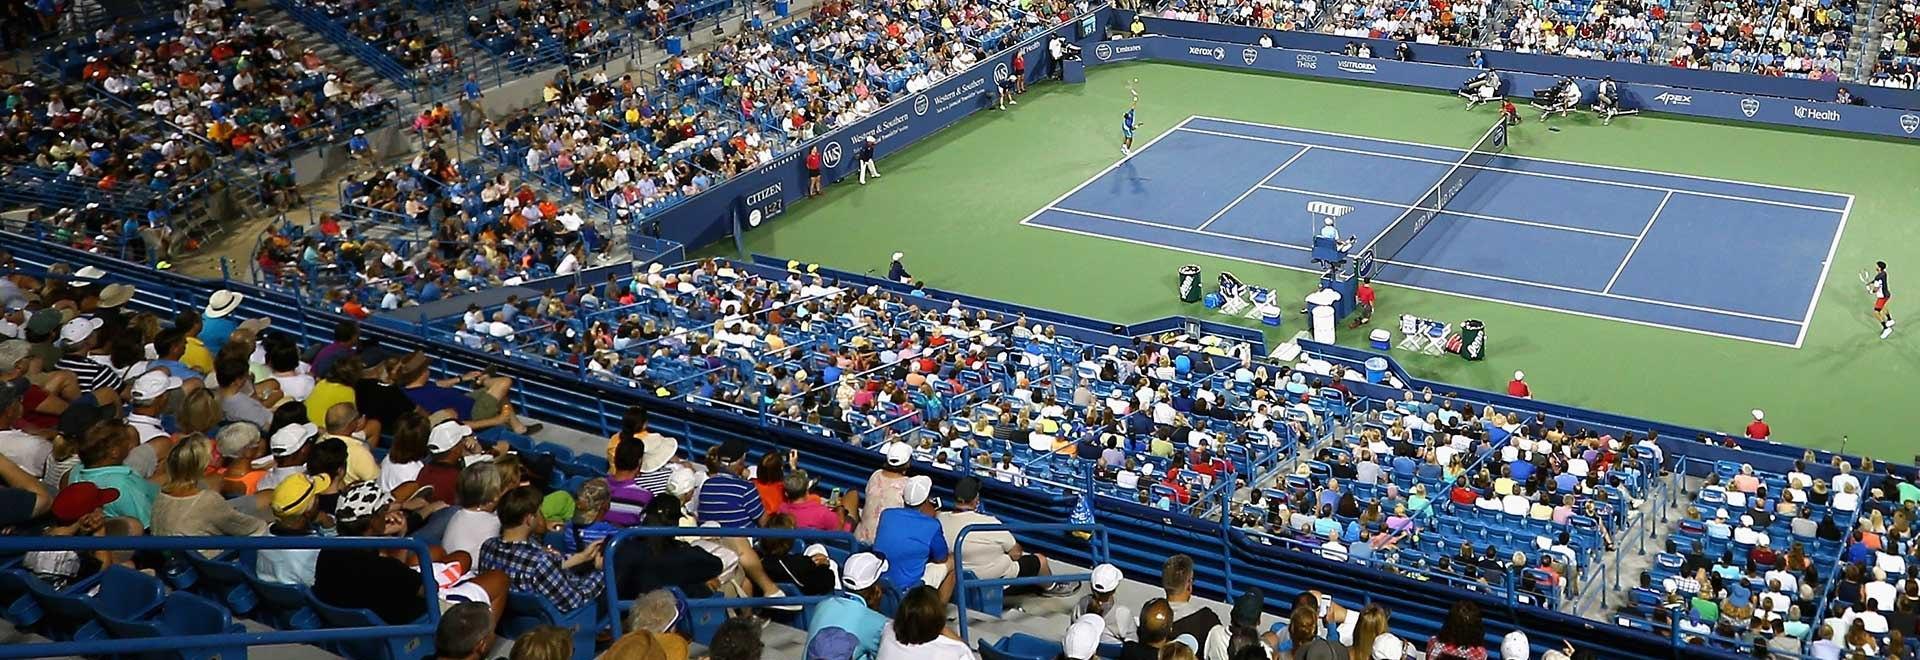 Djokovic - Struff. 2° quarto